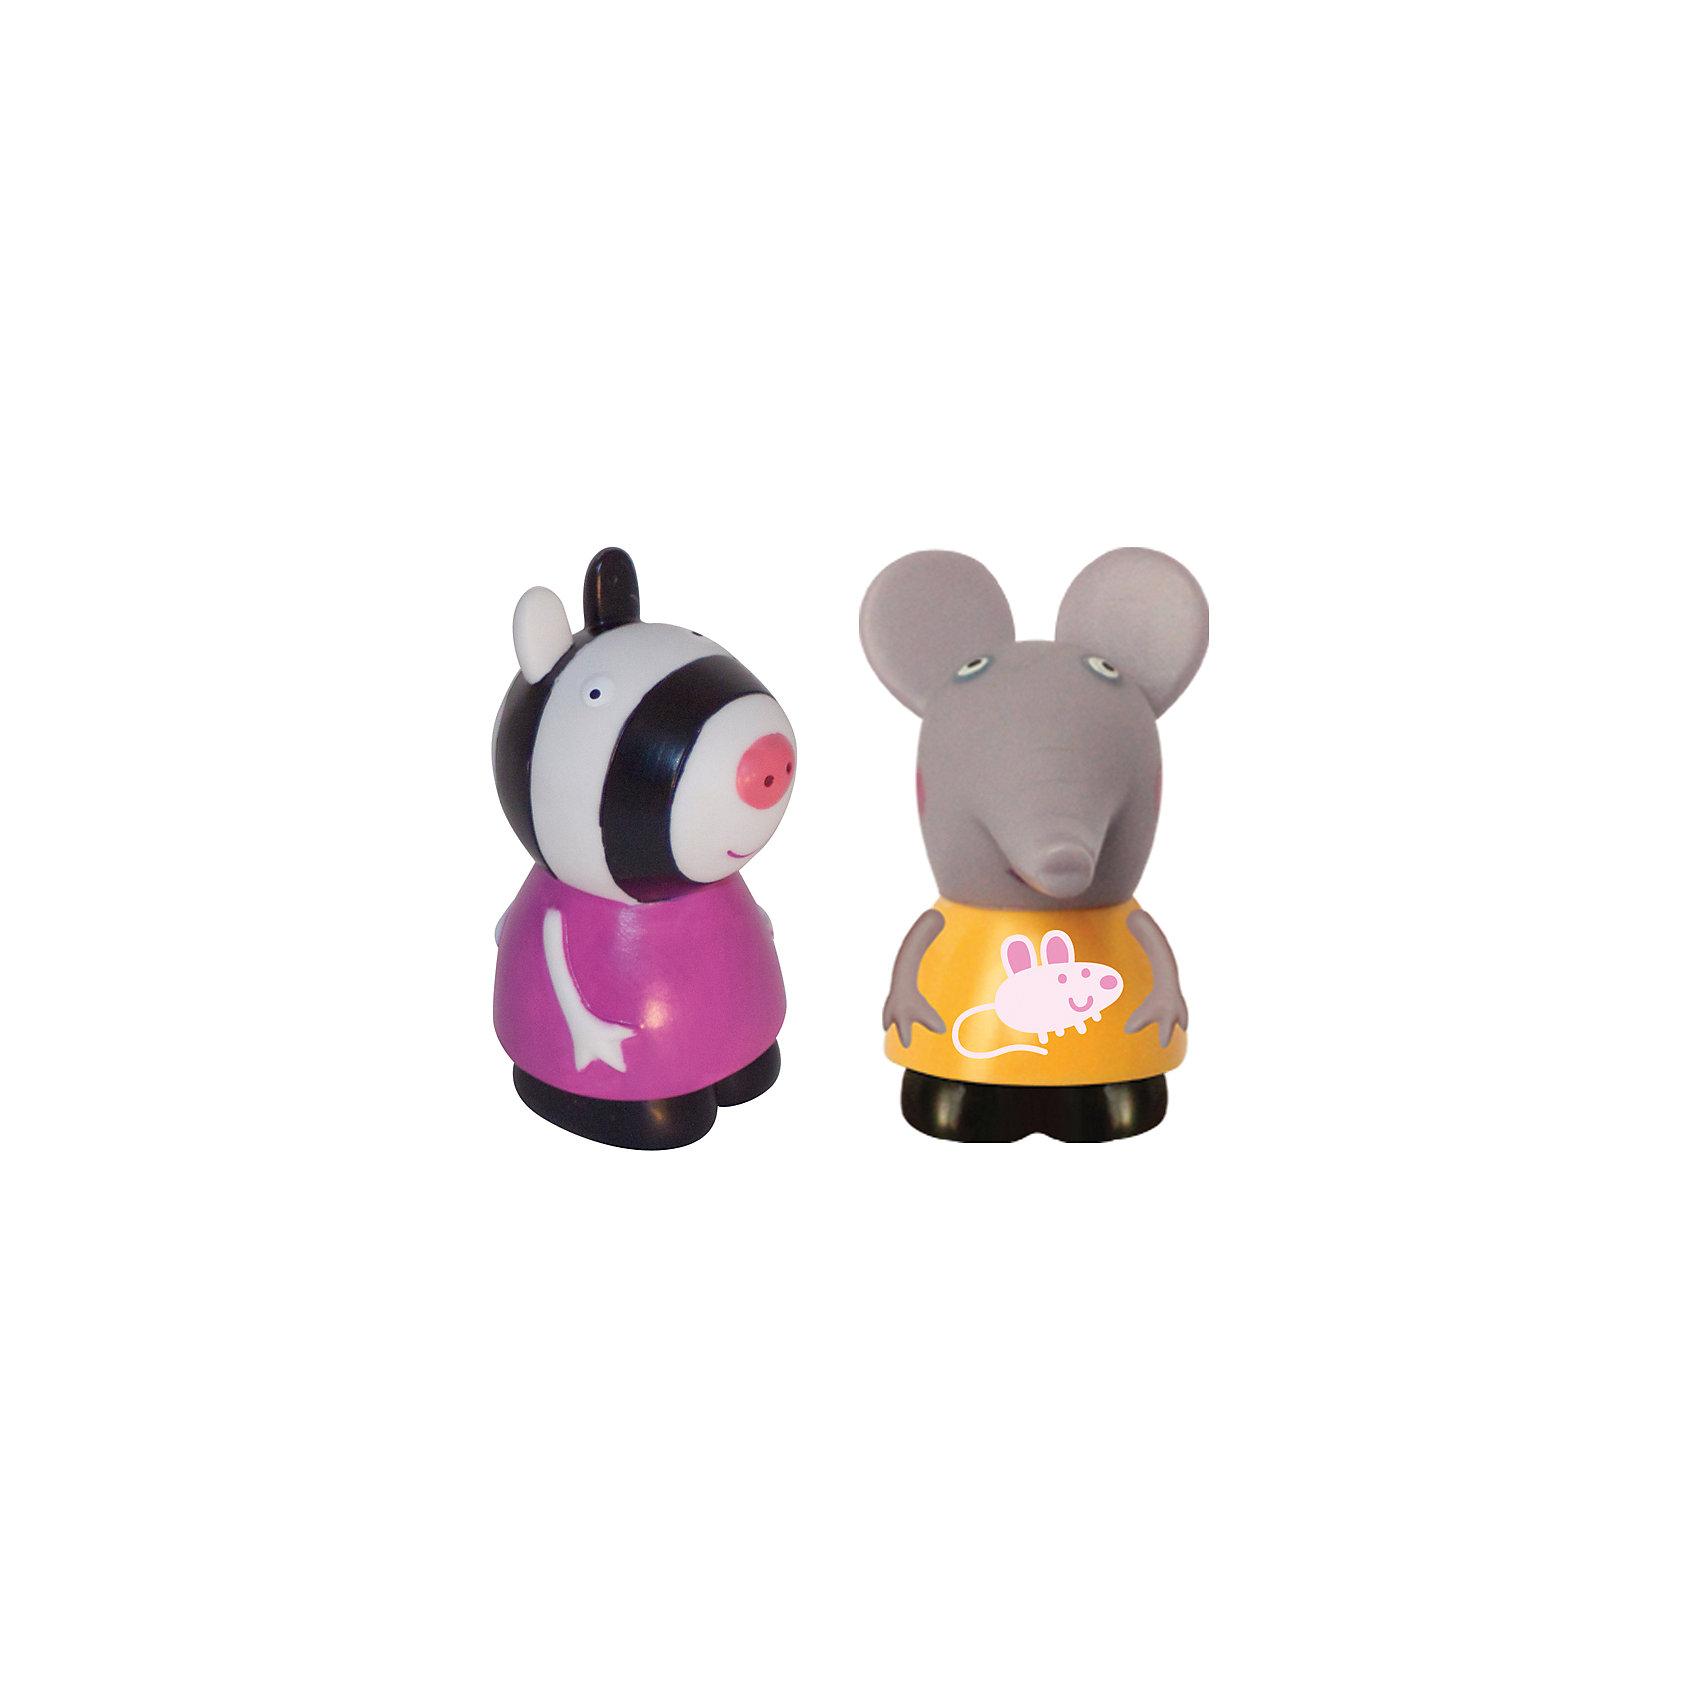 Игровой набор  Эмили и Зои, 10 см, Свинка ПеппаСлоненок Эмили и Зебра Зои желают подружиться с вашим малышом. Пластизолевые фигурки послужат прекрасным дополнением во время водных процедур и превратят купание крохи в праздник. Приятная на ощупь поверхность игрушек развивает тактильное восприятие, а увлекательные сюжетно-ролевые игры с ними помогают малышам обмениваться знаниями, развивать воображение и, конечно, весело проводить время с друзьями. Соберите всех персонажей из серии «Peppa Pig» и забавные мультфильмы о веселой свинке оживут прямо у вас дома. Игрушки выполнены из высококачественных экологичных материалов безопасных для детей. <br><br>Дополнительная информация:<br><br>- Материал: пластизоль.<br>- 2 фигурки в наборе.<br>- Размер фигурок: 10 см.<br><br>Игровой набор  Эмили и Зои, 10 см, Свинка Пеппа, можно купить в нашем магазине.<br><br>Ширина мм: 105<br>Глубина мм: 55<br>Высота мм: 105<br>Вес г: 102<br>Возраст от месяцев: 36<br>Возраст до месяцев: 72<br>Пол: Унисекс<br>Возраст: Детский<br>SKU: 4261819